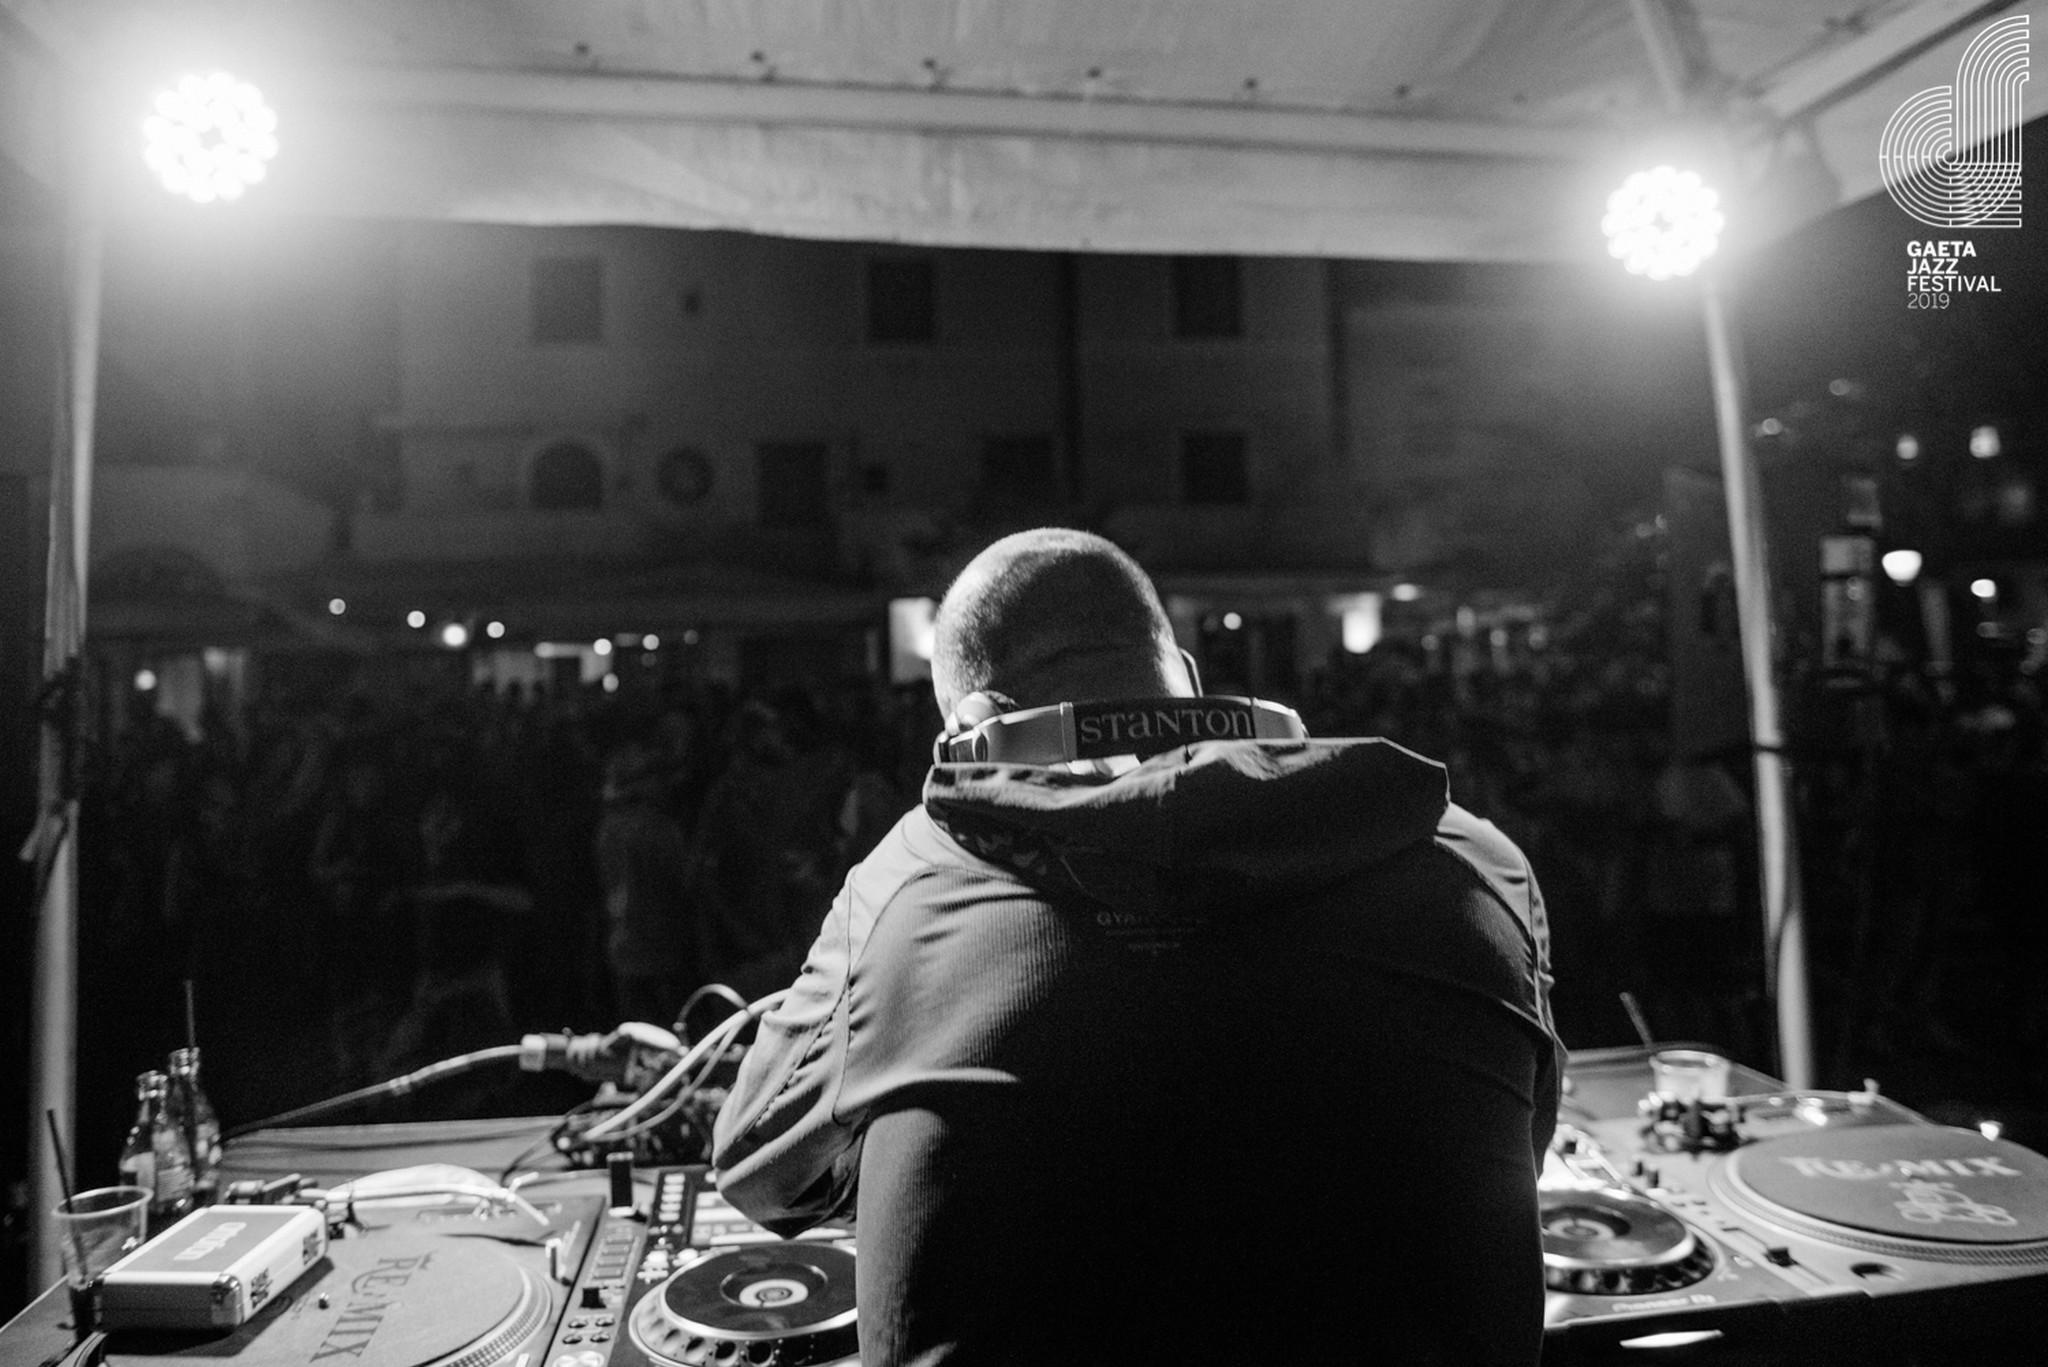 Flavia_Fiengo_Gaeta_Jazz_Festival_live_2019__00075